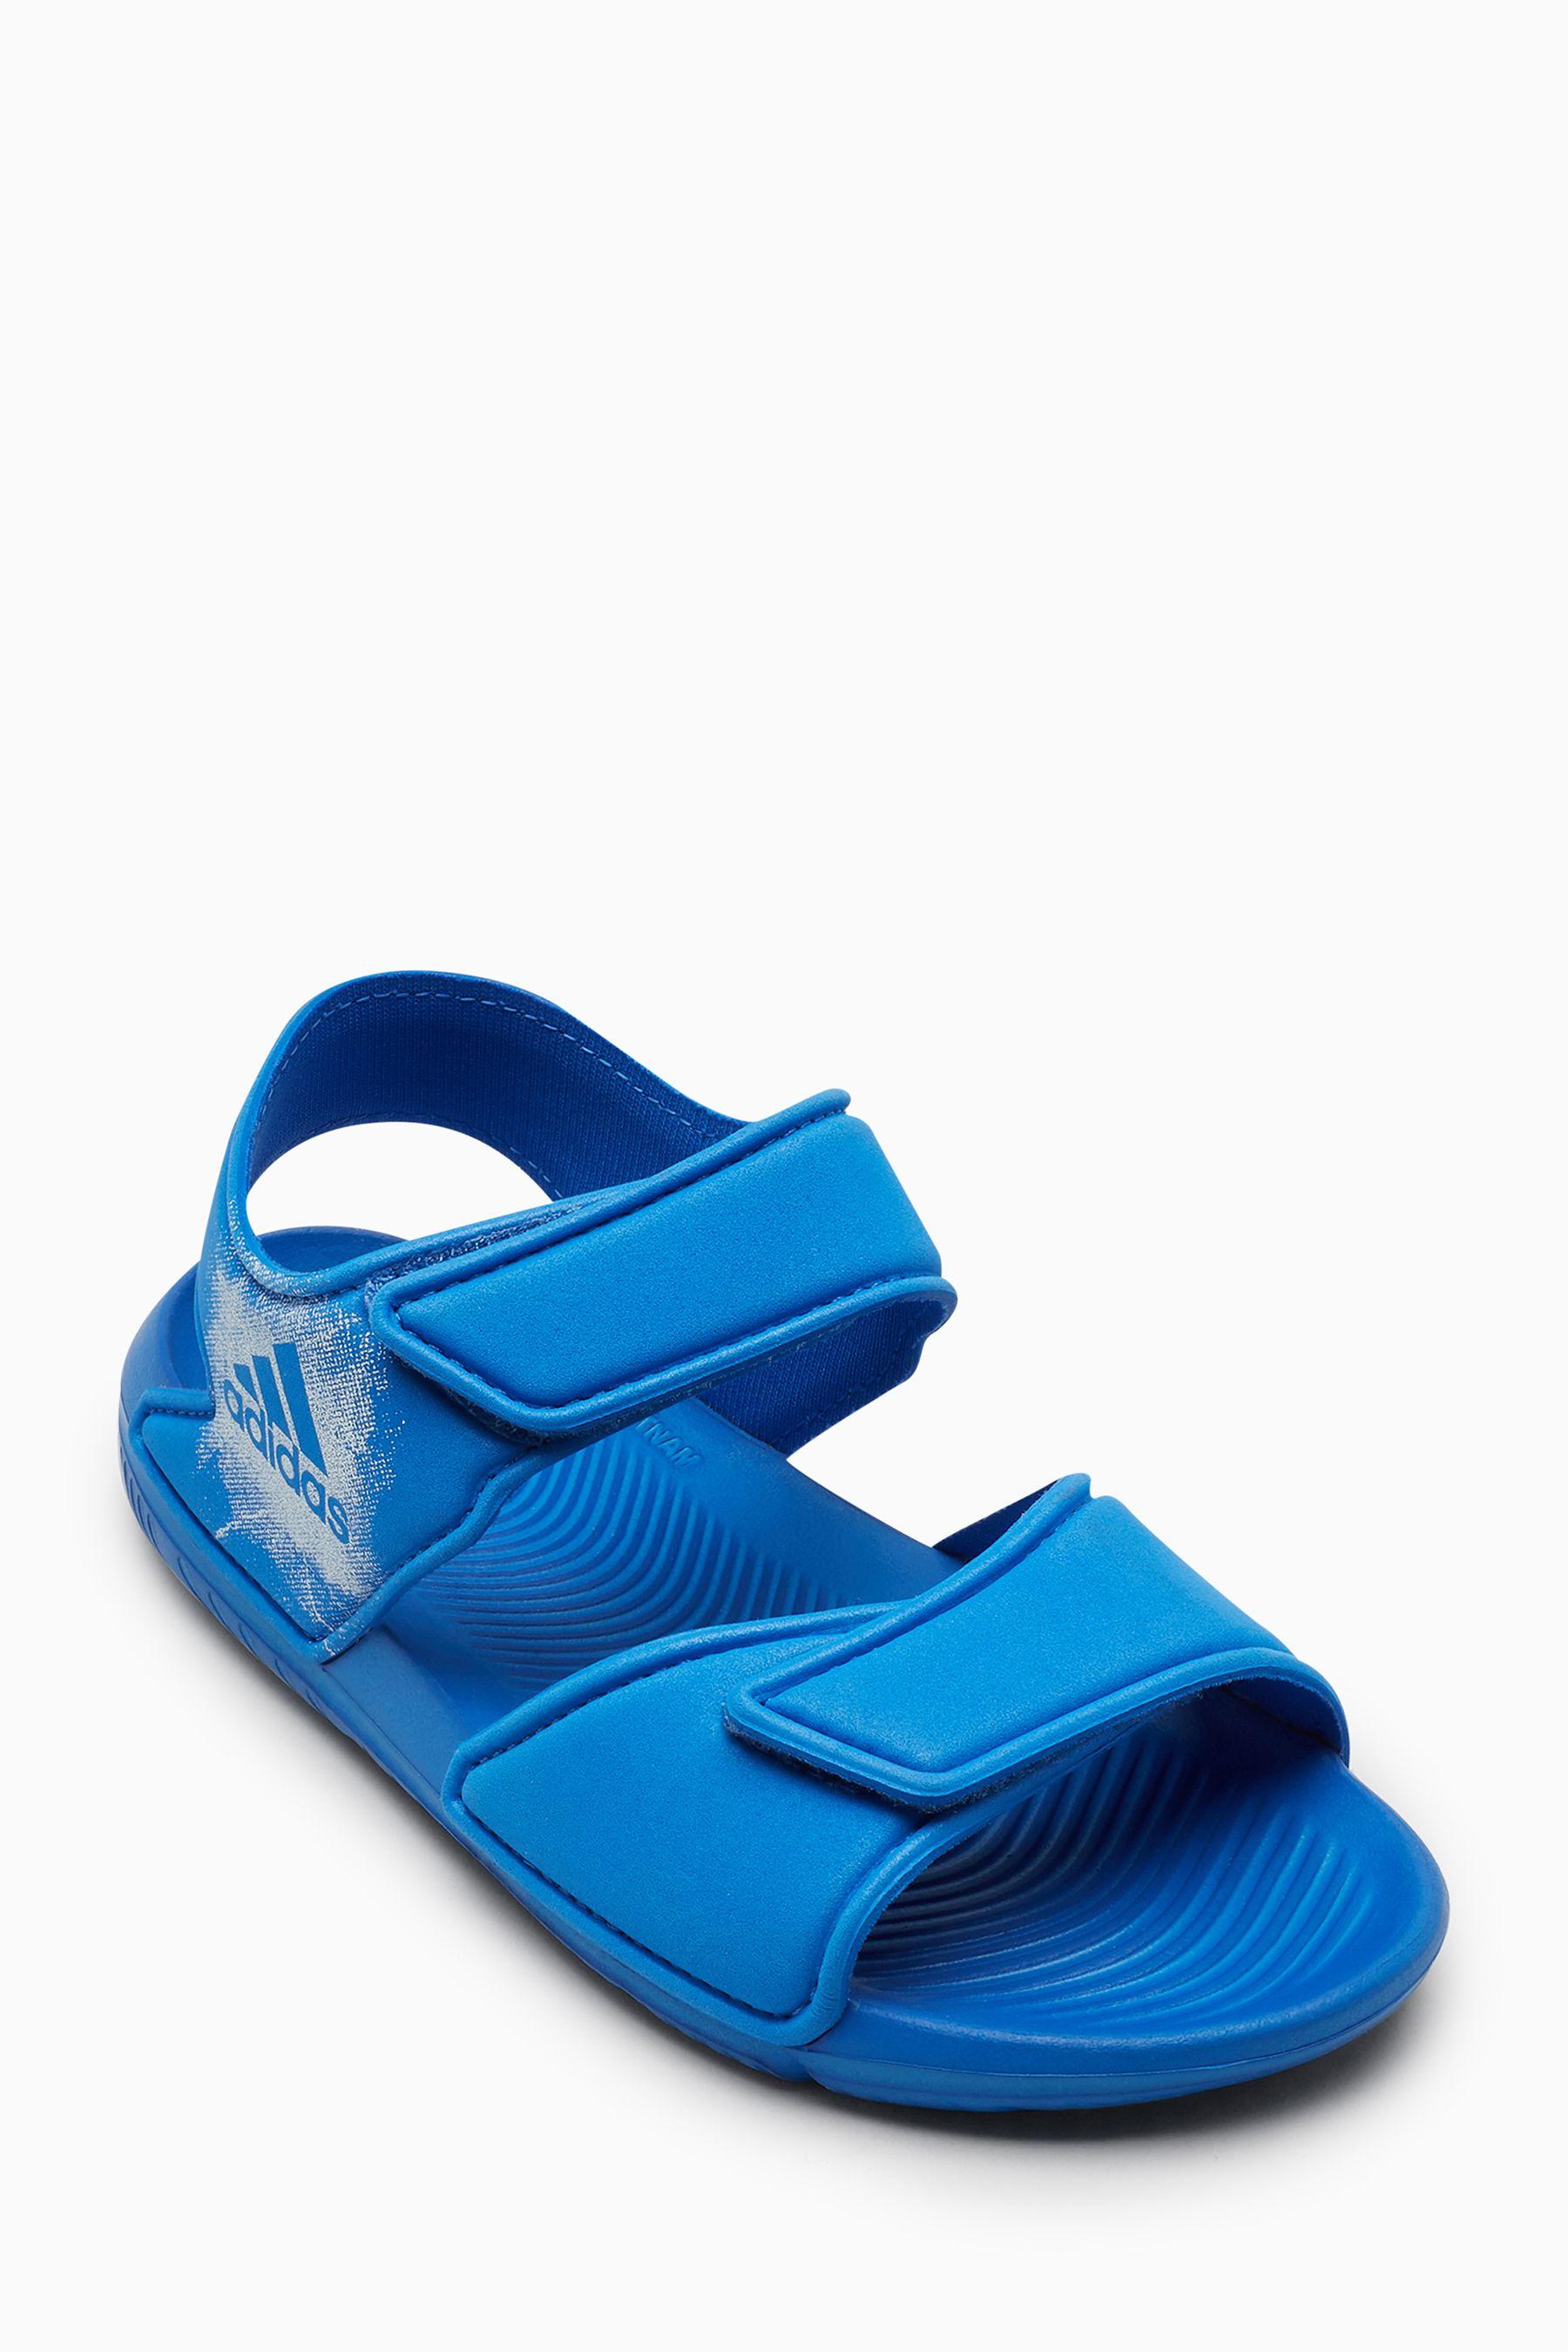 3ad234b28991 Boys adidas Alta Swim Sandal - Blue in 2019